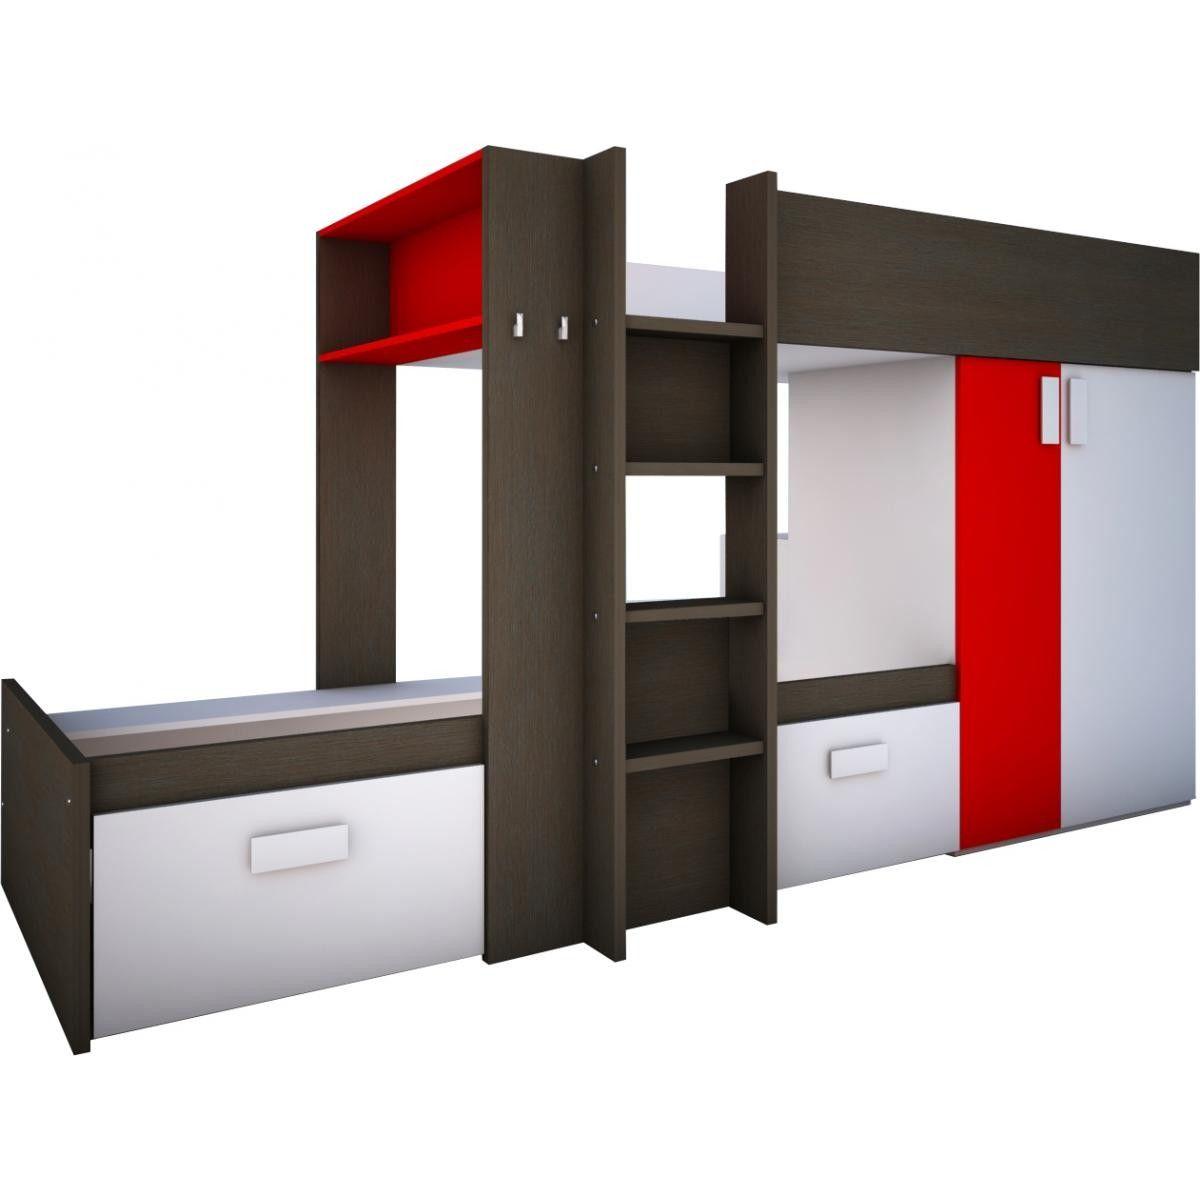 Cama Tren Wifi En Conforama Afficher Les Prix Bunk Beds With